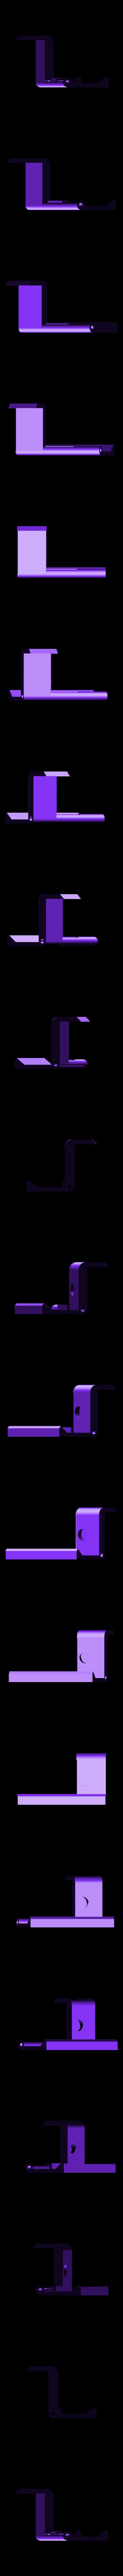 corner_lock_part1.stl Download free STL file Portable 3D Printer • 3D printable design, Job